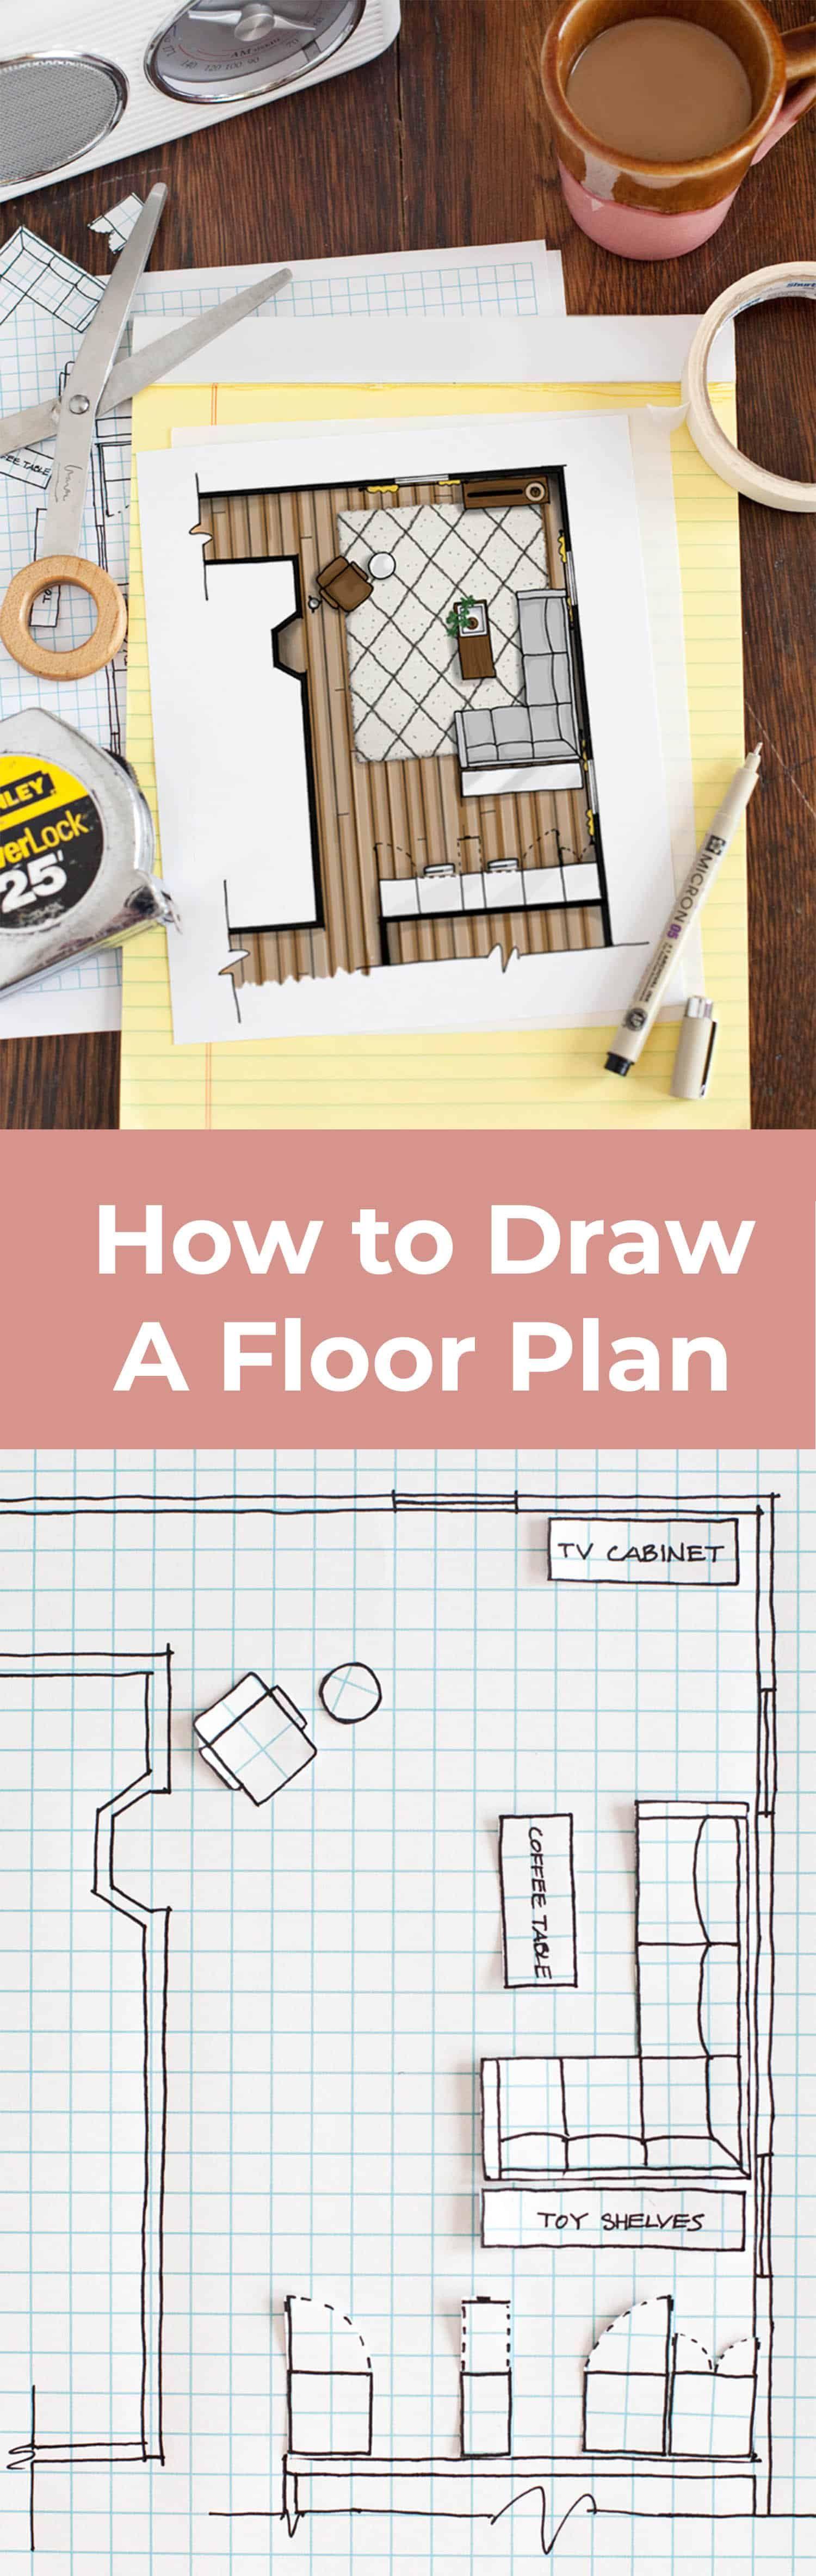 How To Draw Your Own Floor Plan Floor Plans Flooring Floor Plan Drawing